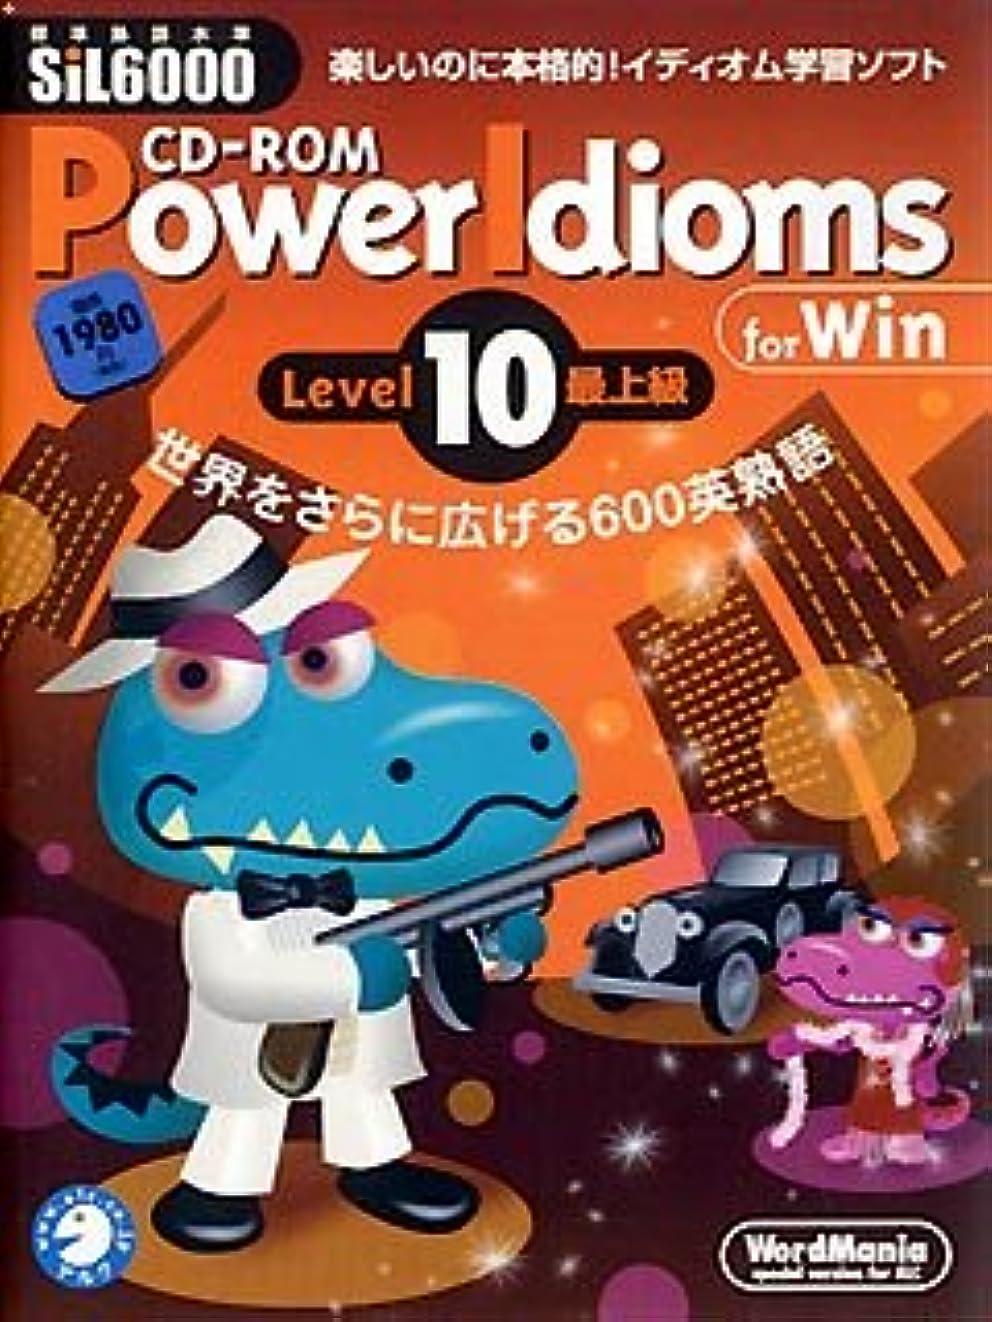 ユーザー画像スパンCD-ROM PowerIdioms Level 10